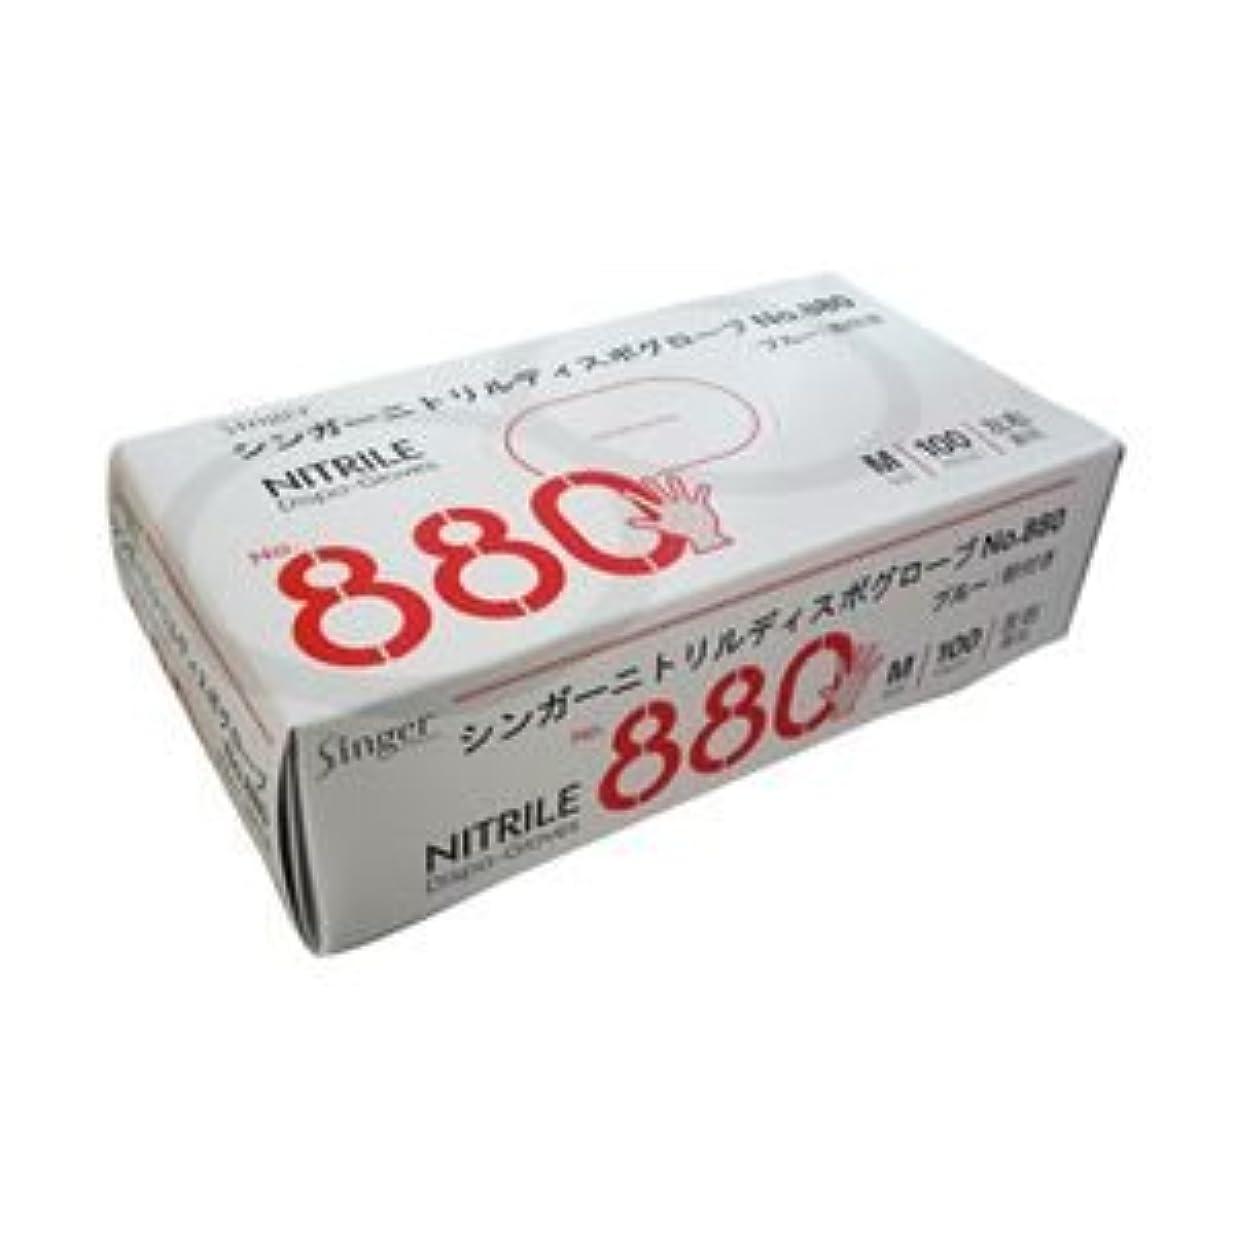 シンプルな公爵夫人各宇都宮製作 ニトリル手袋 粉付き ブルー M 1箱(100枚) ×5セット